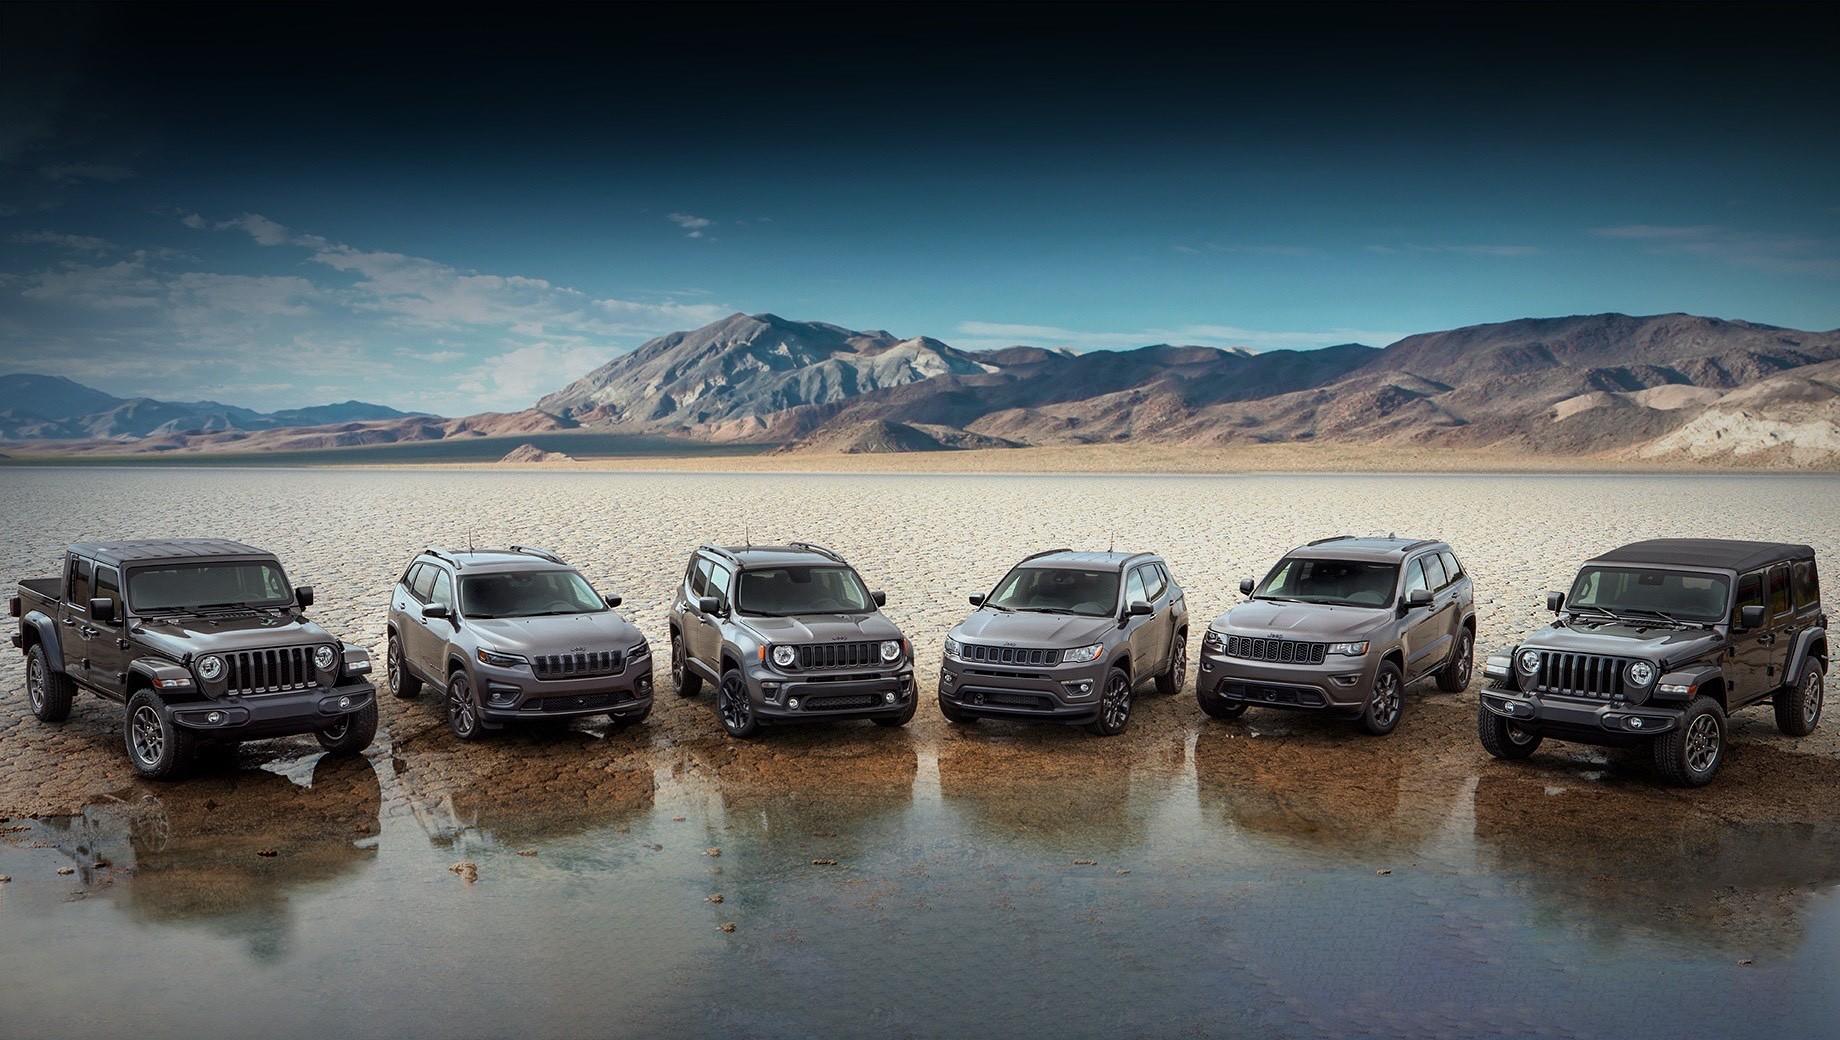 В следующем году бренд Jeep отметит 80-летие. Этому событию посвящено издание 80th Anniversary Edition, анонсированное для всех моделей фирмы.